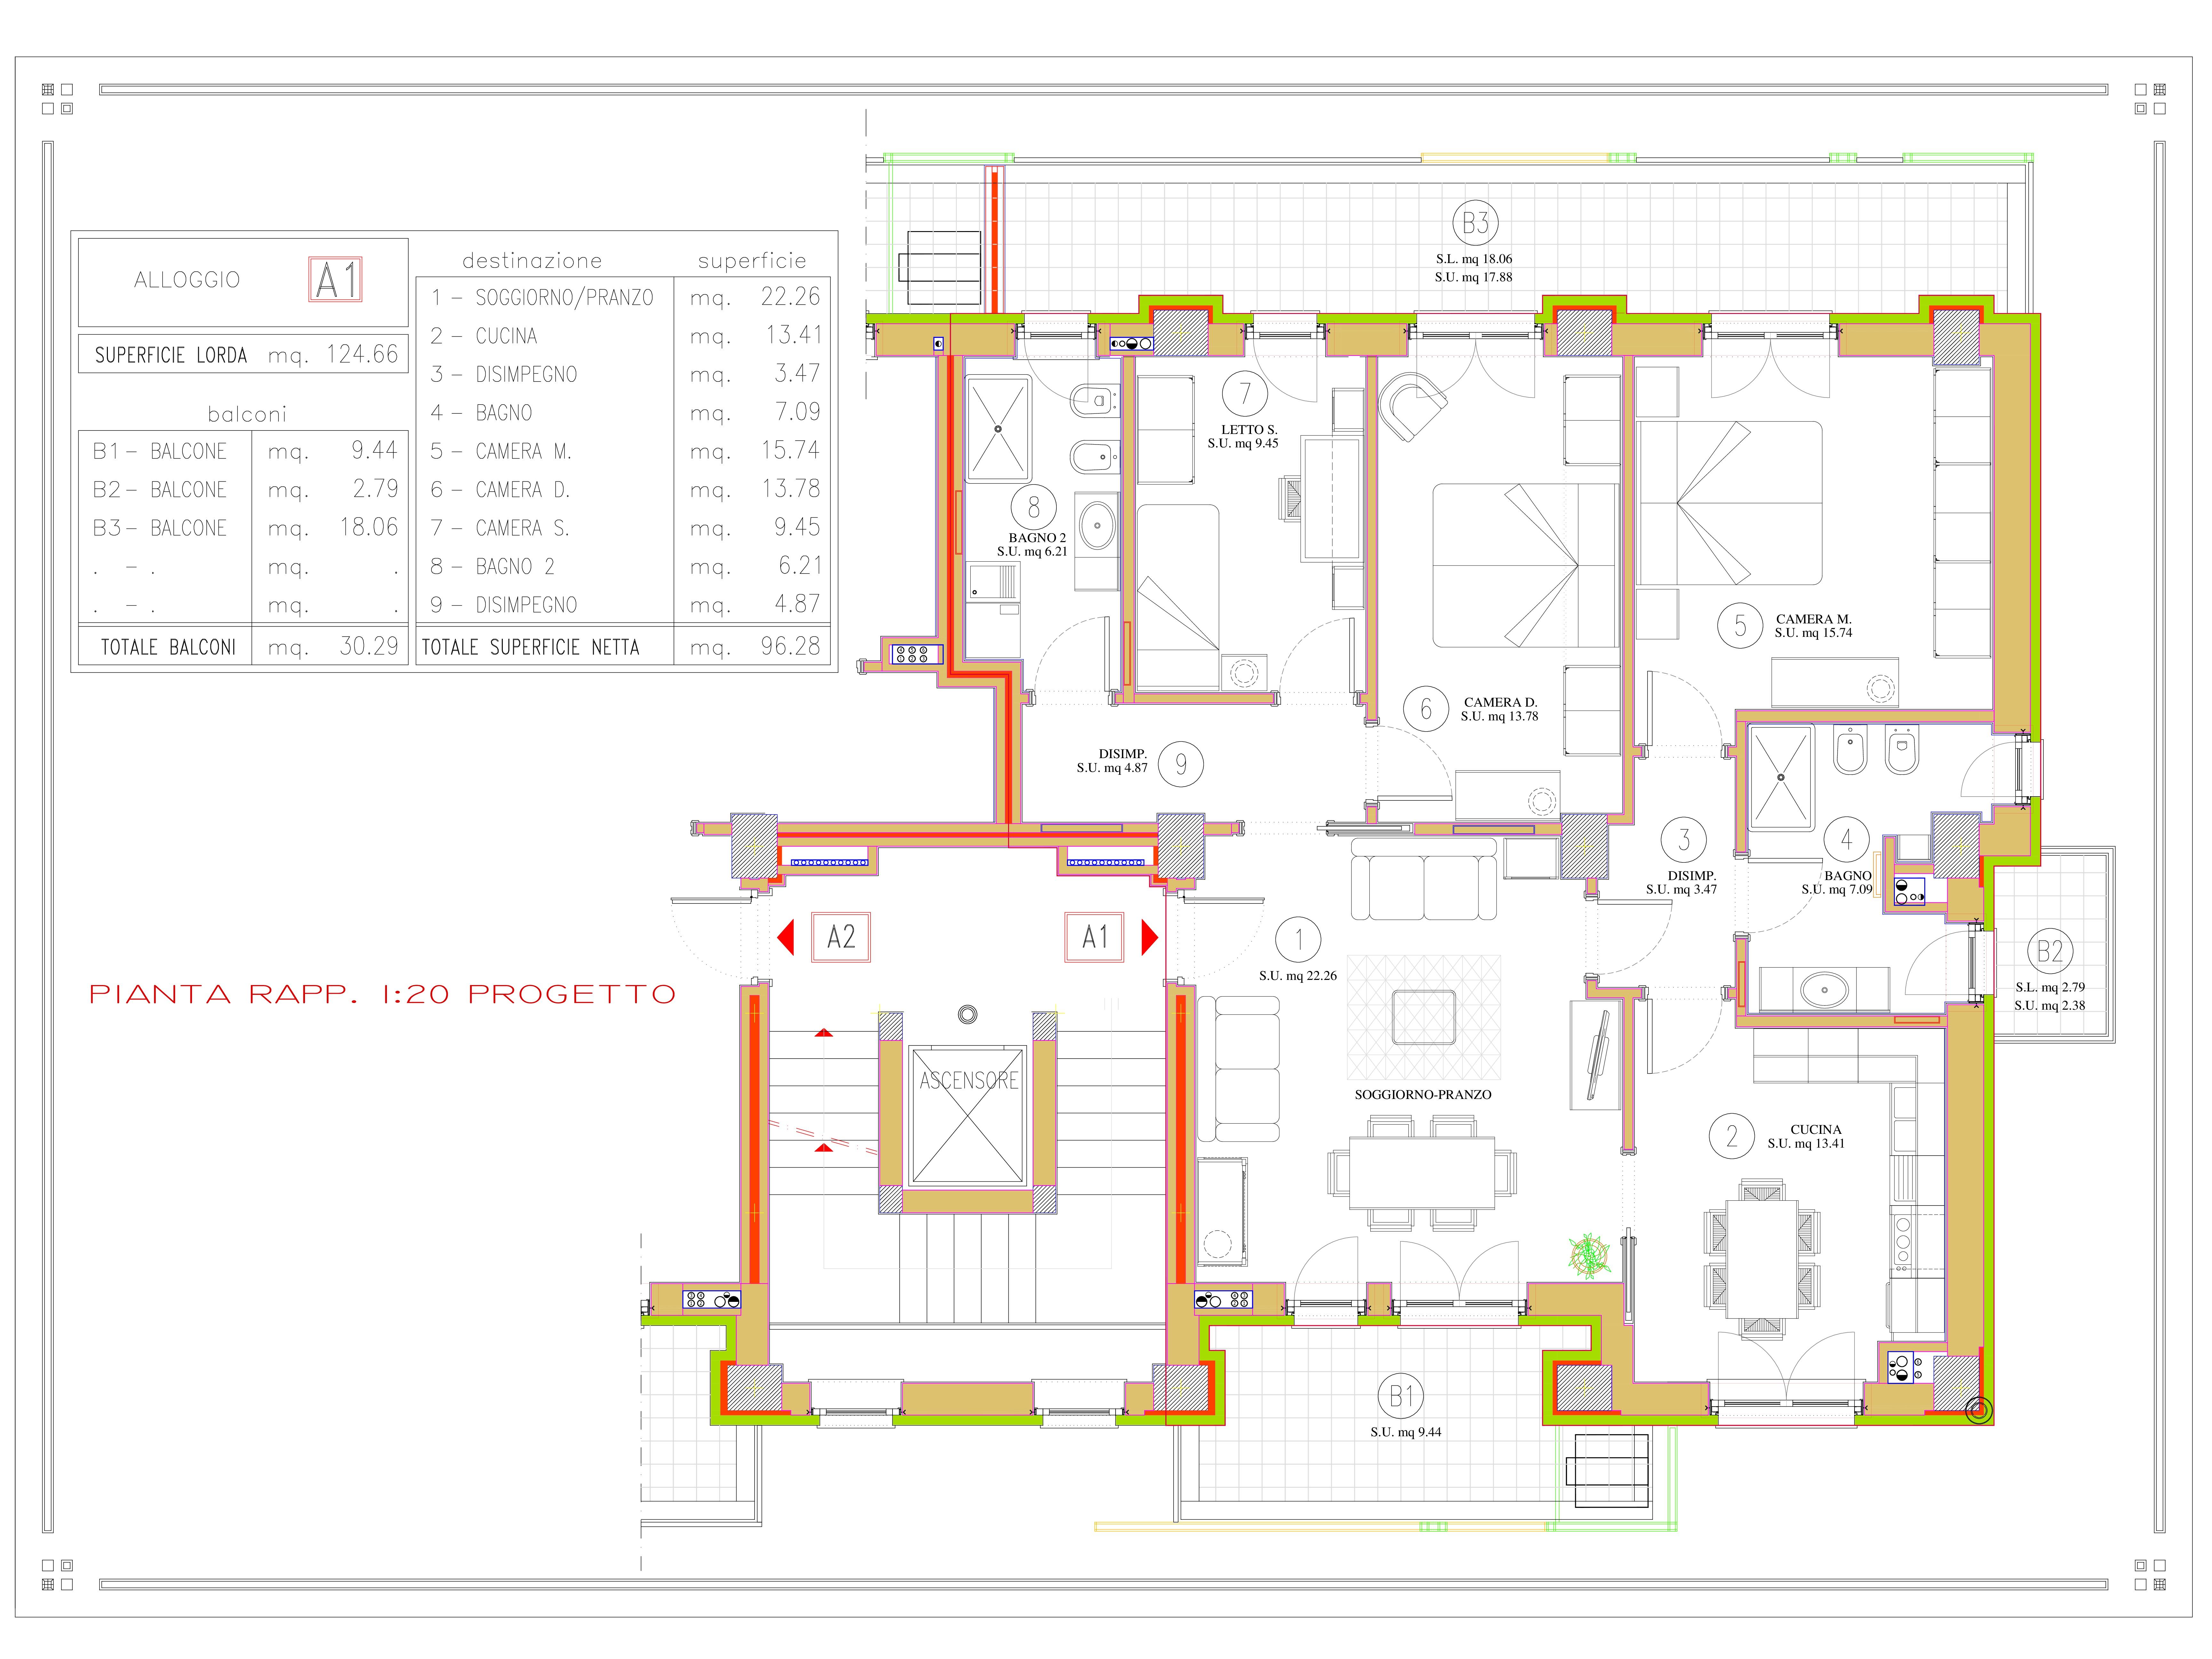 DIVISIONE CON 2 APPART. A1 pianta quota 832-001